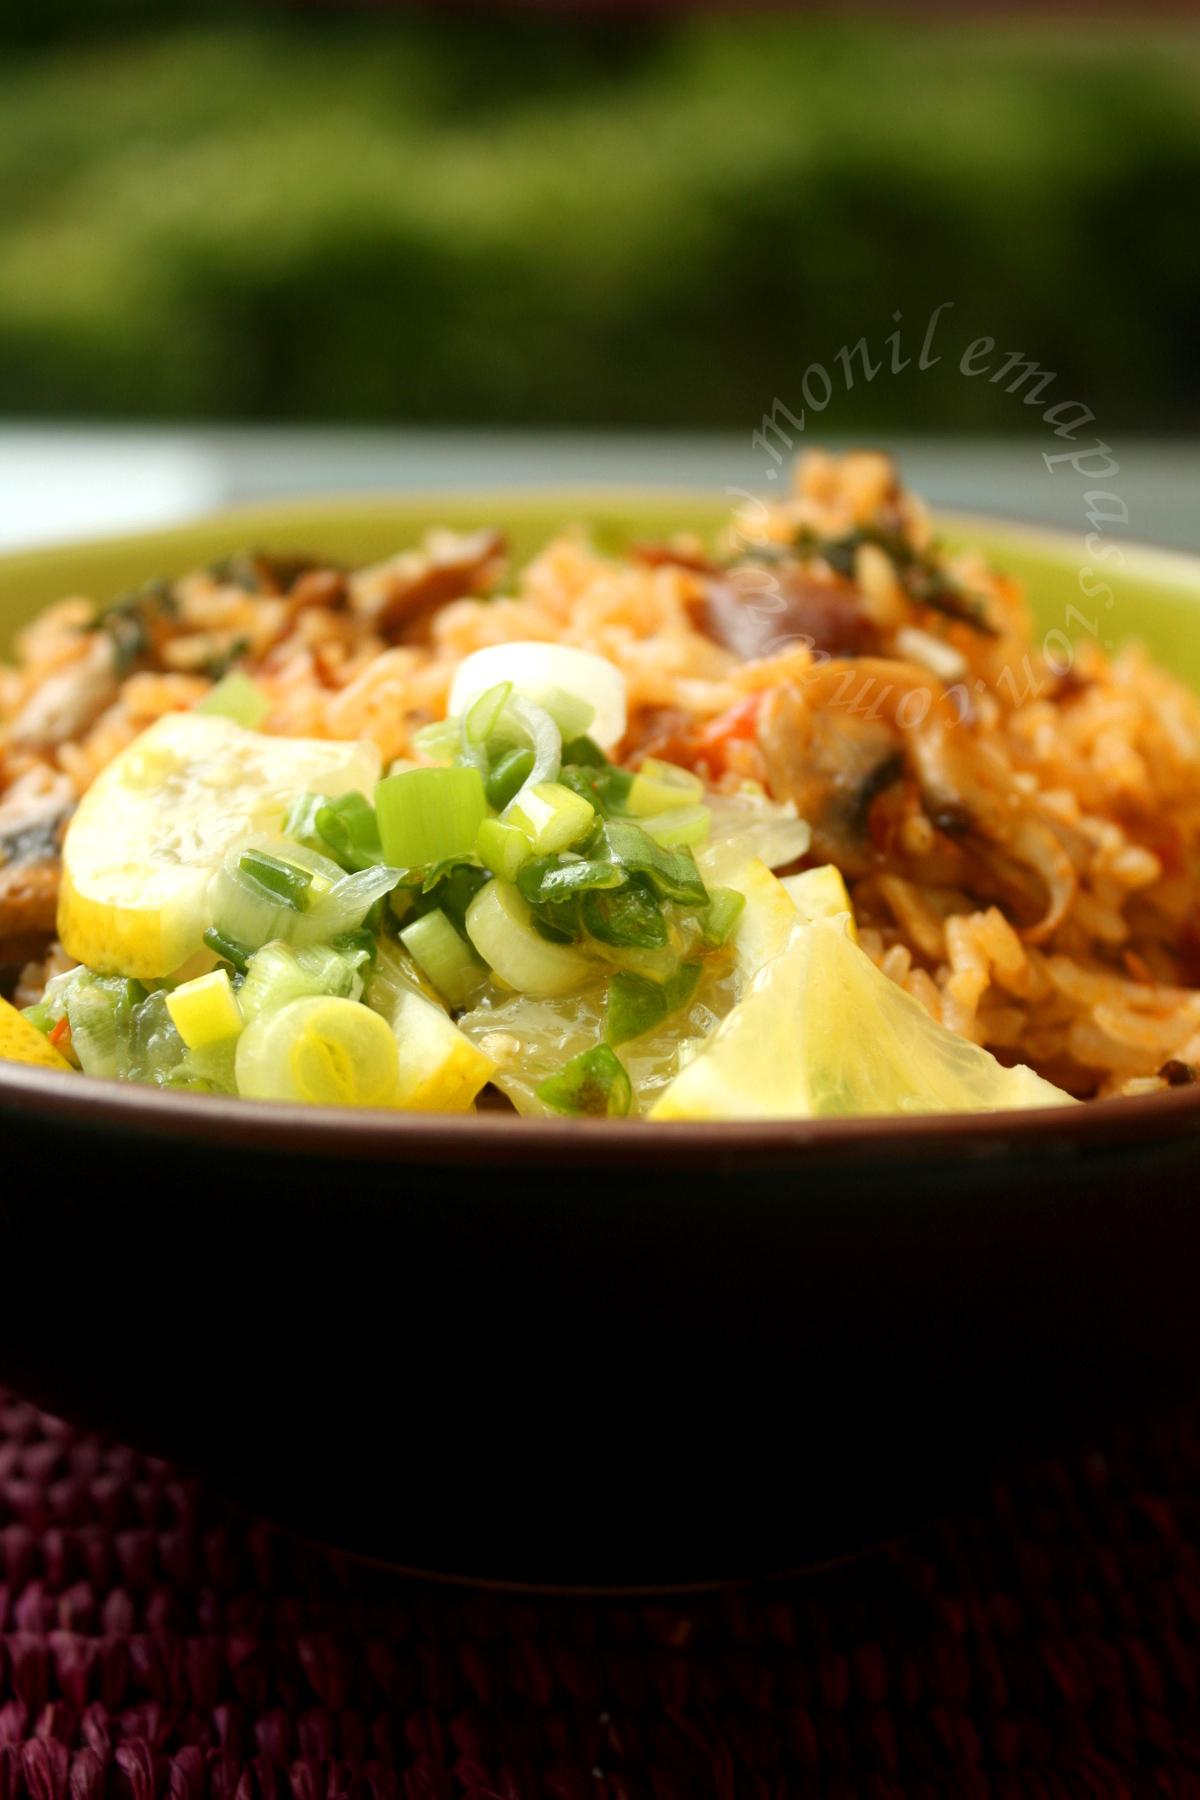 Riz chauffé aux gésiers de poulet - Chicken Gizzards fried rice